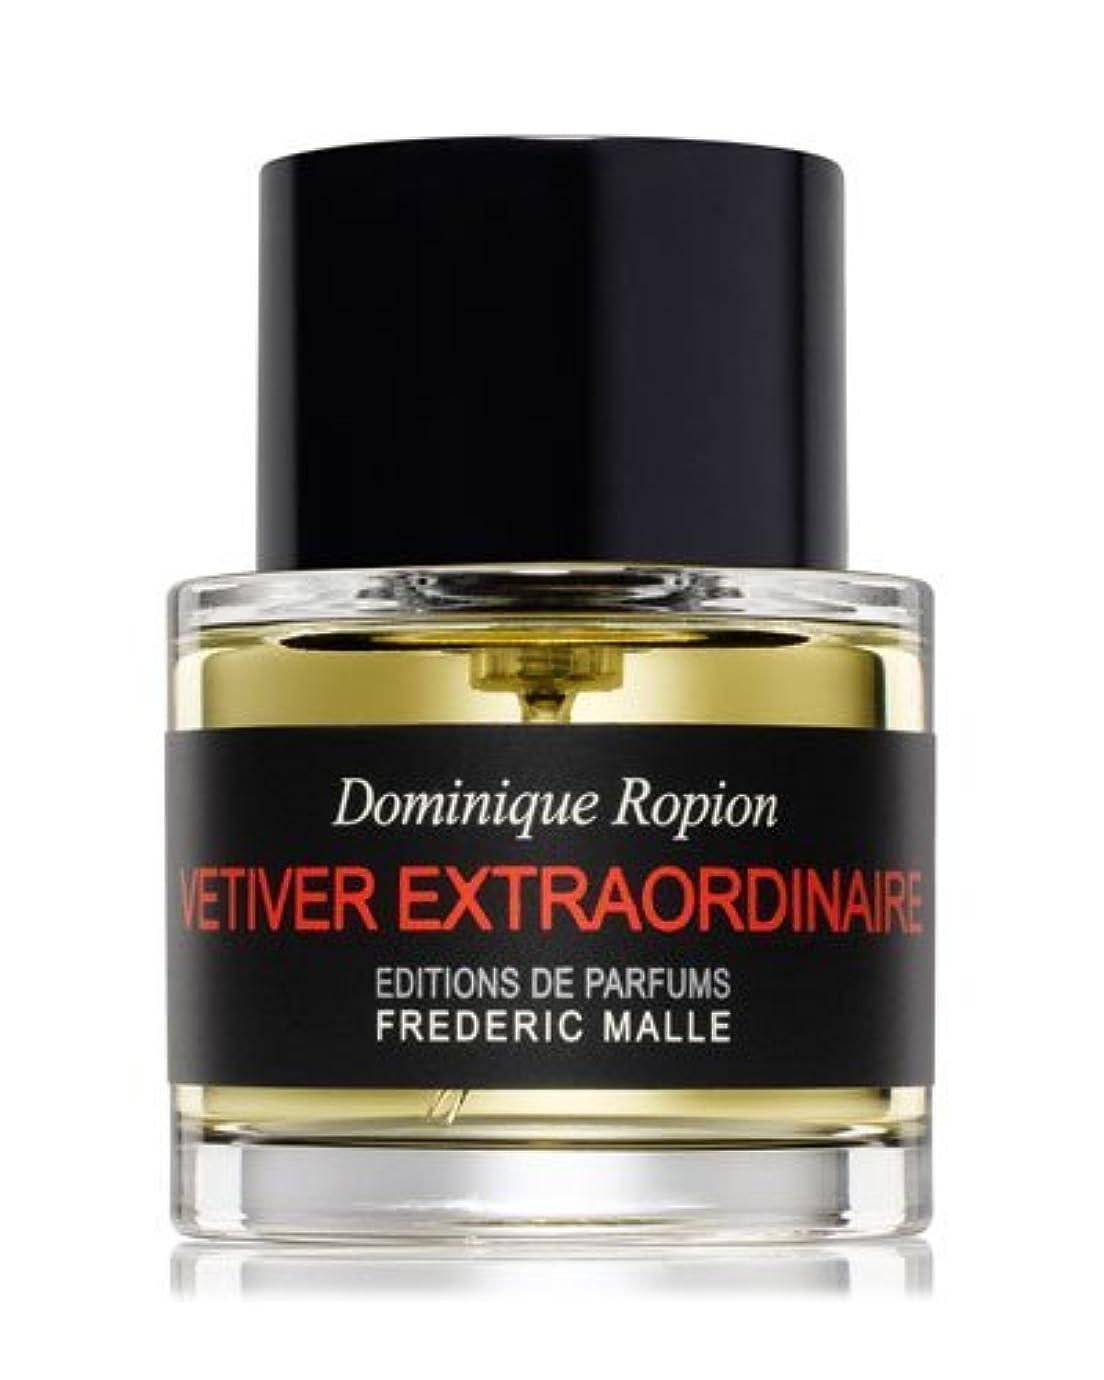 偽告発ピストンFrederic Malle Vetiver Extraordinaire (フレデリック マル べチバーエクトロディネイヤー) 1.7 oz (50ml) EDP Spray